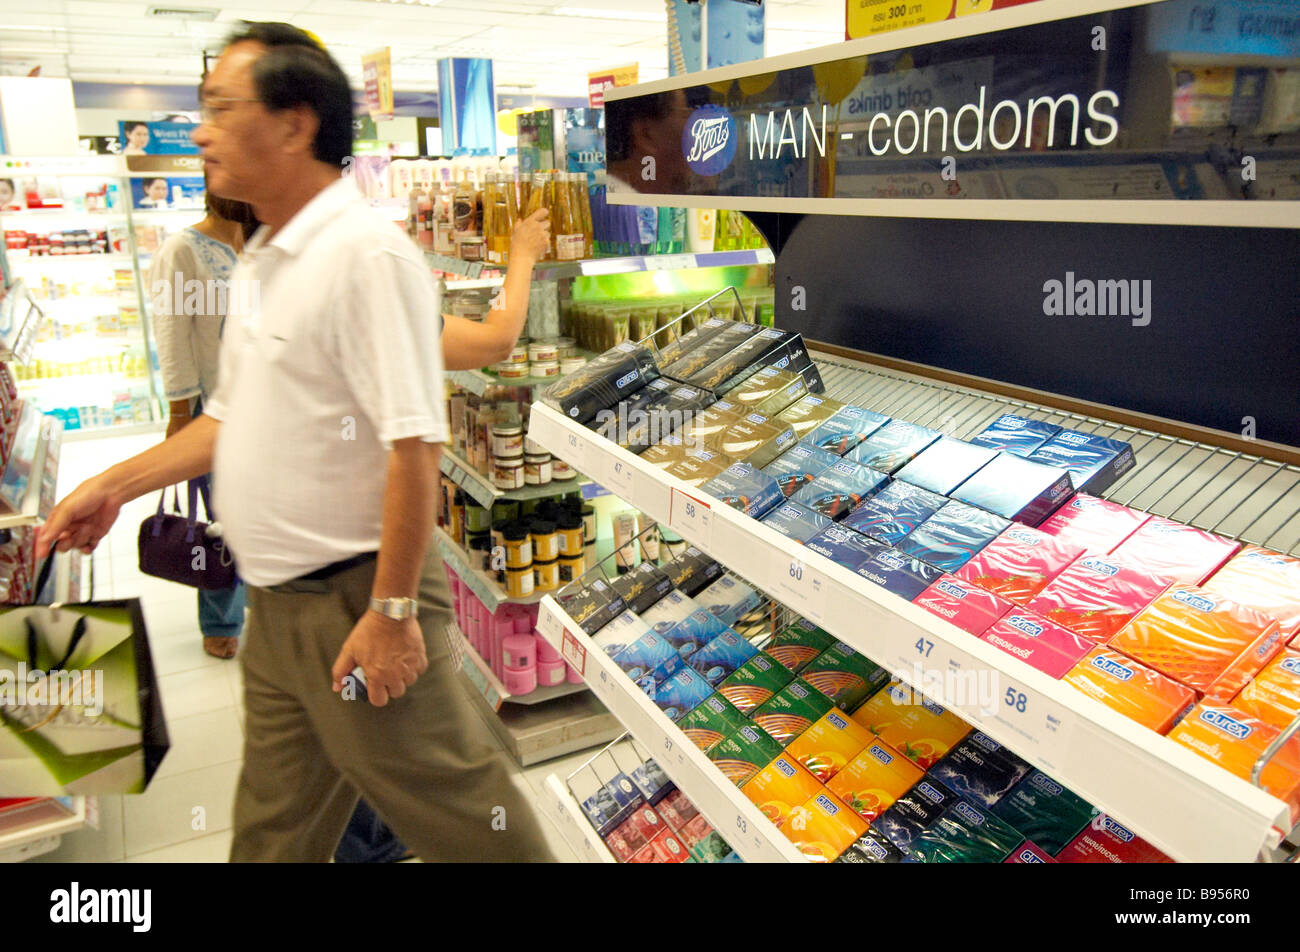 Welches kondom kaufen